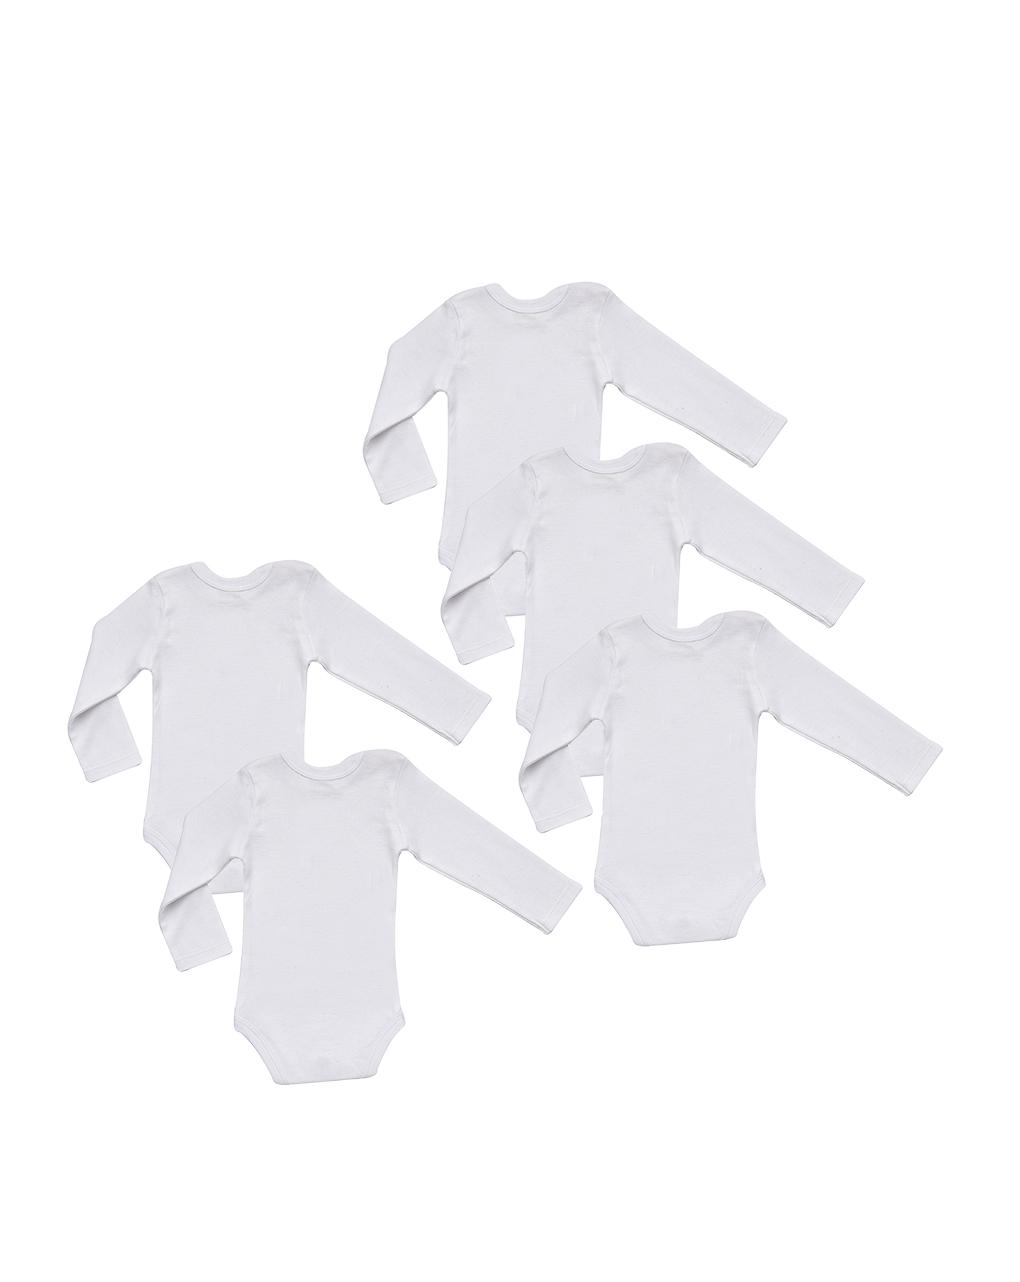 Pacote de 5 collant brancos com mangas compridas - Prénatal